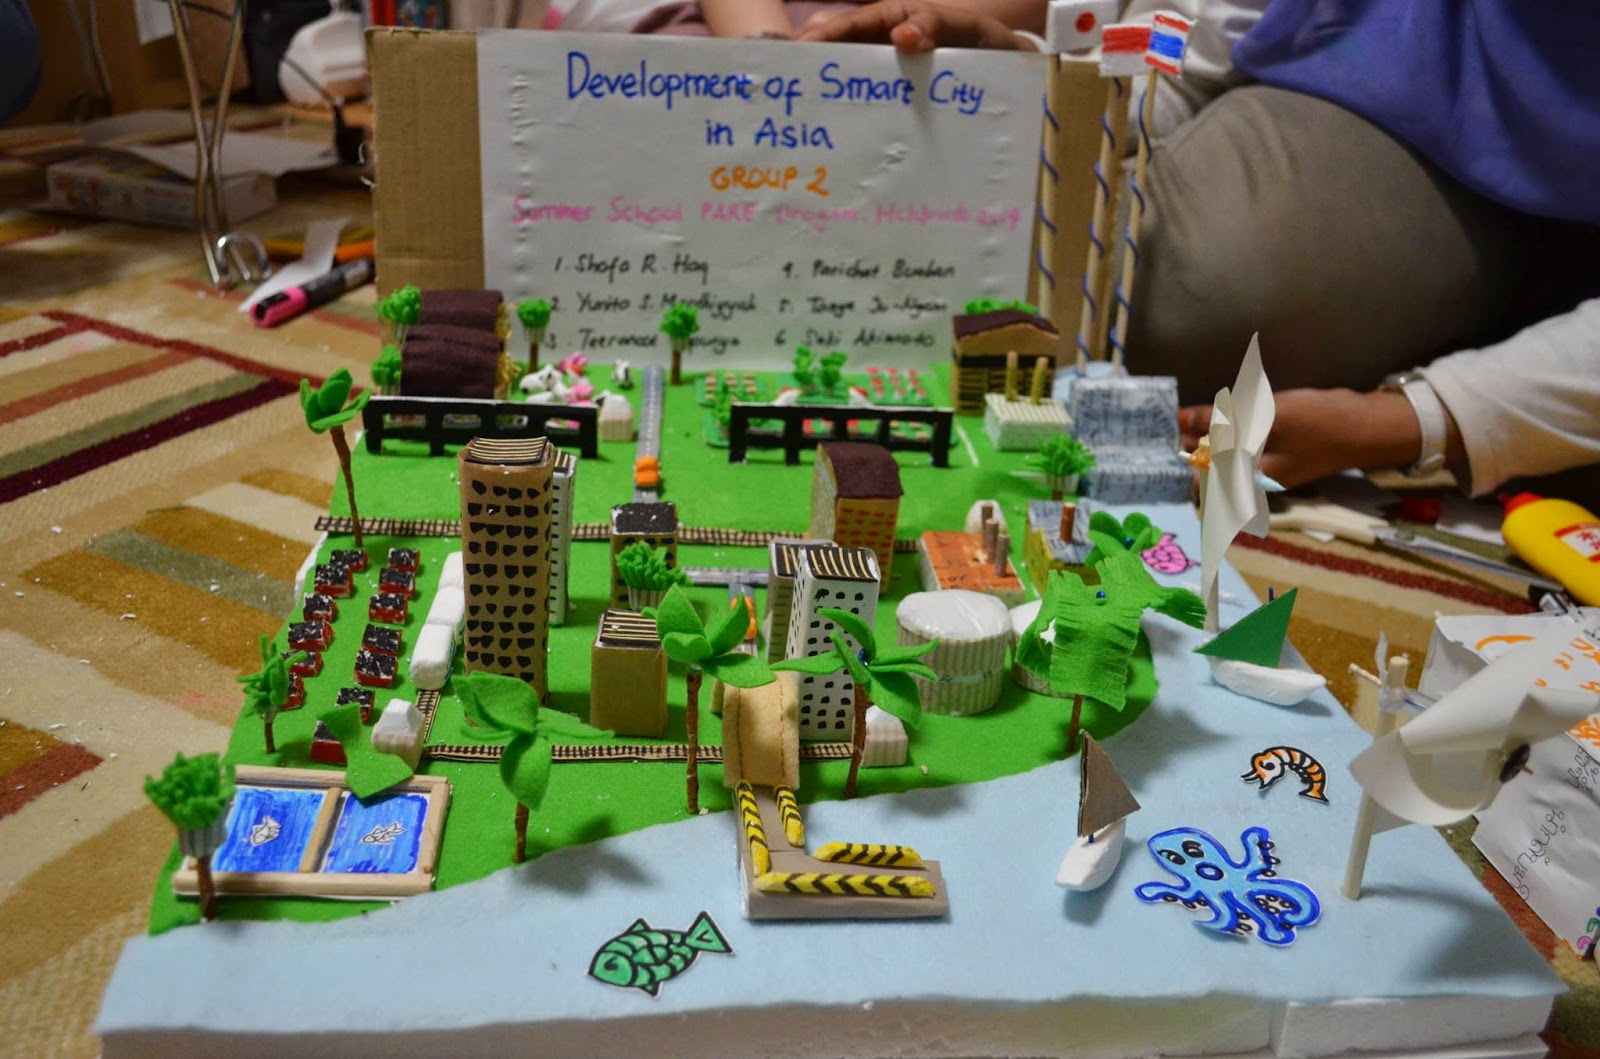 Big Dreams Of Smart City And Eco Friendly Habit A Final